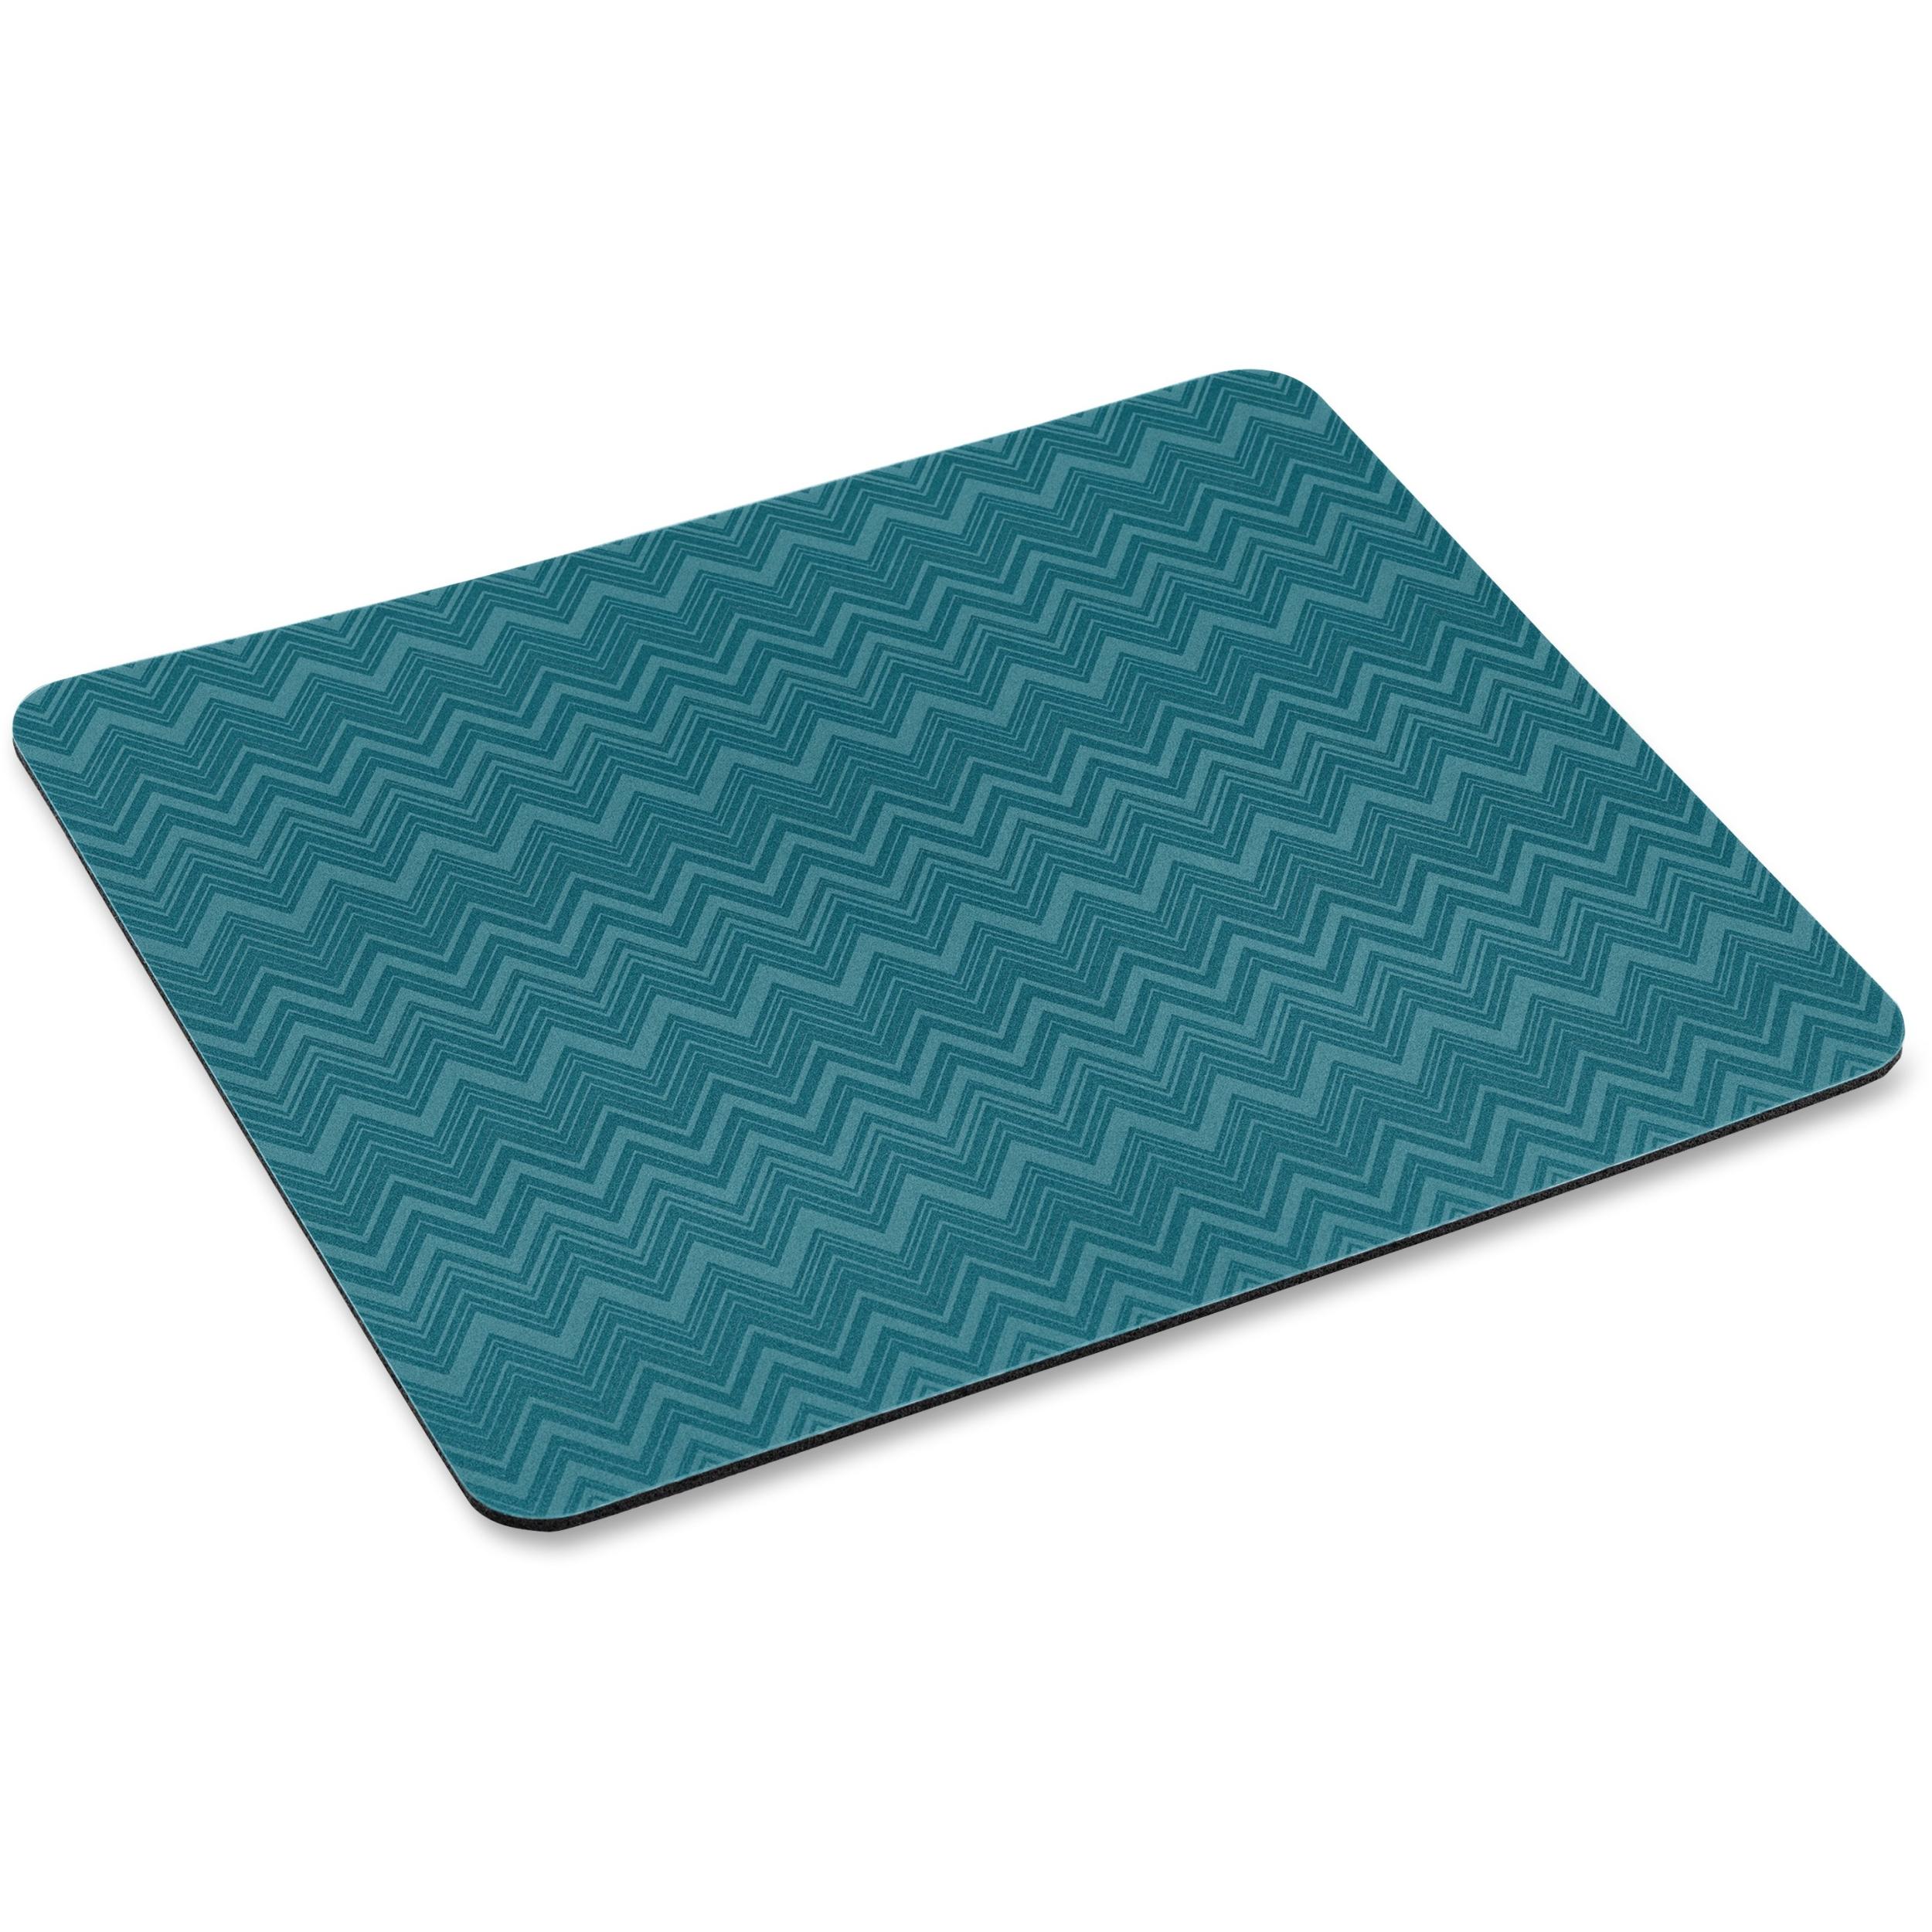 """3M Precise Mouse Pad - Chevron Green - 8"""" x 9"""" Dimension - Foam"""